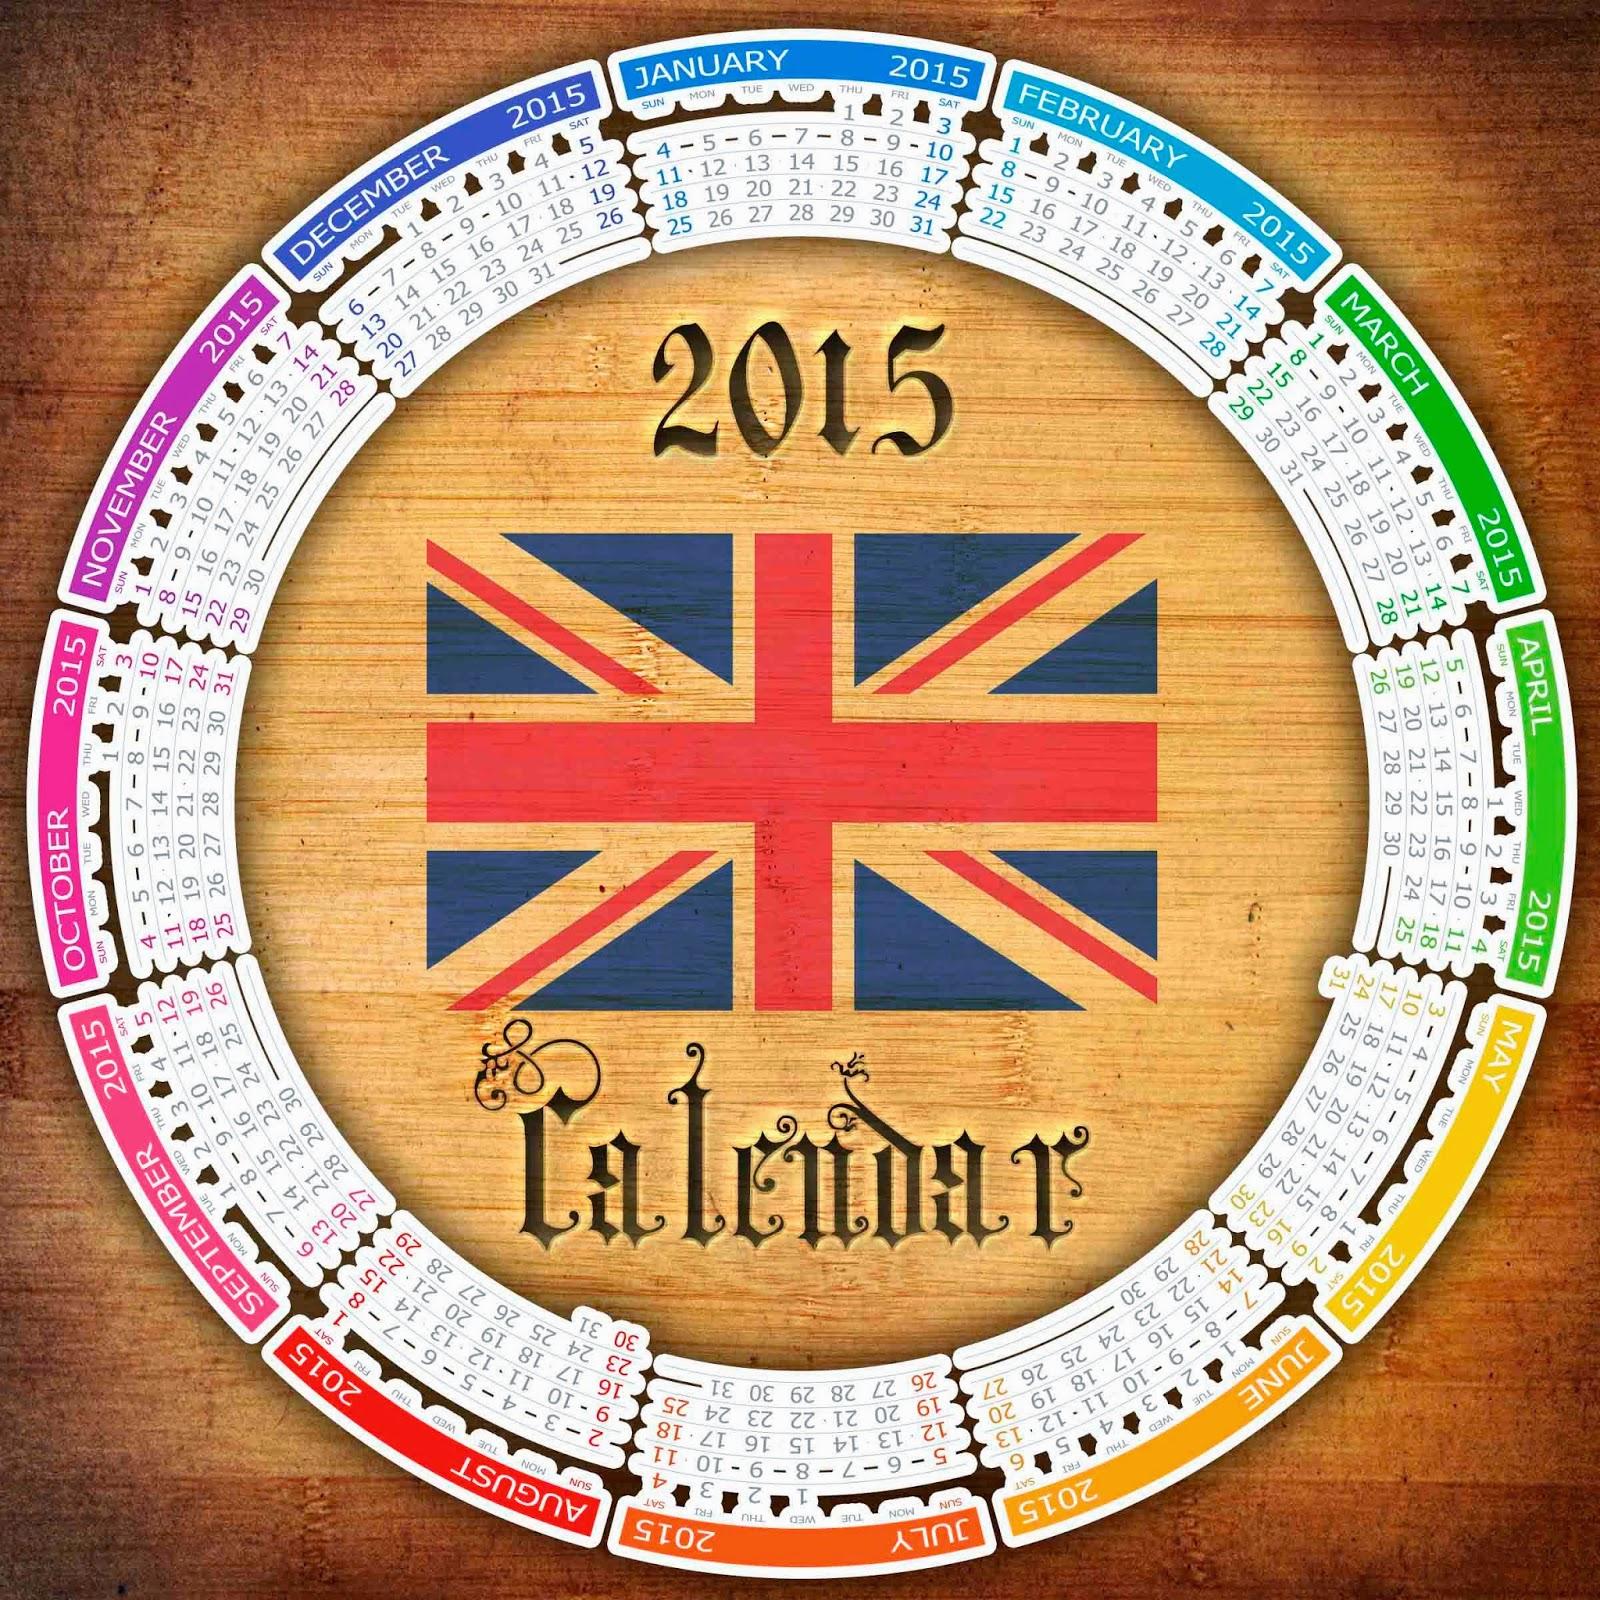 Calendario en inglés con fondo de madera y texto decorado